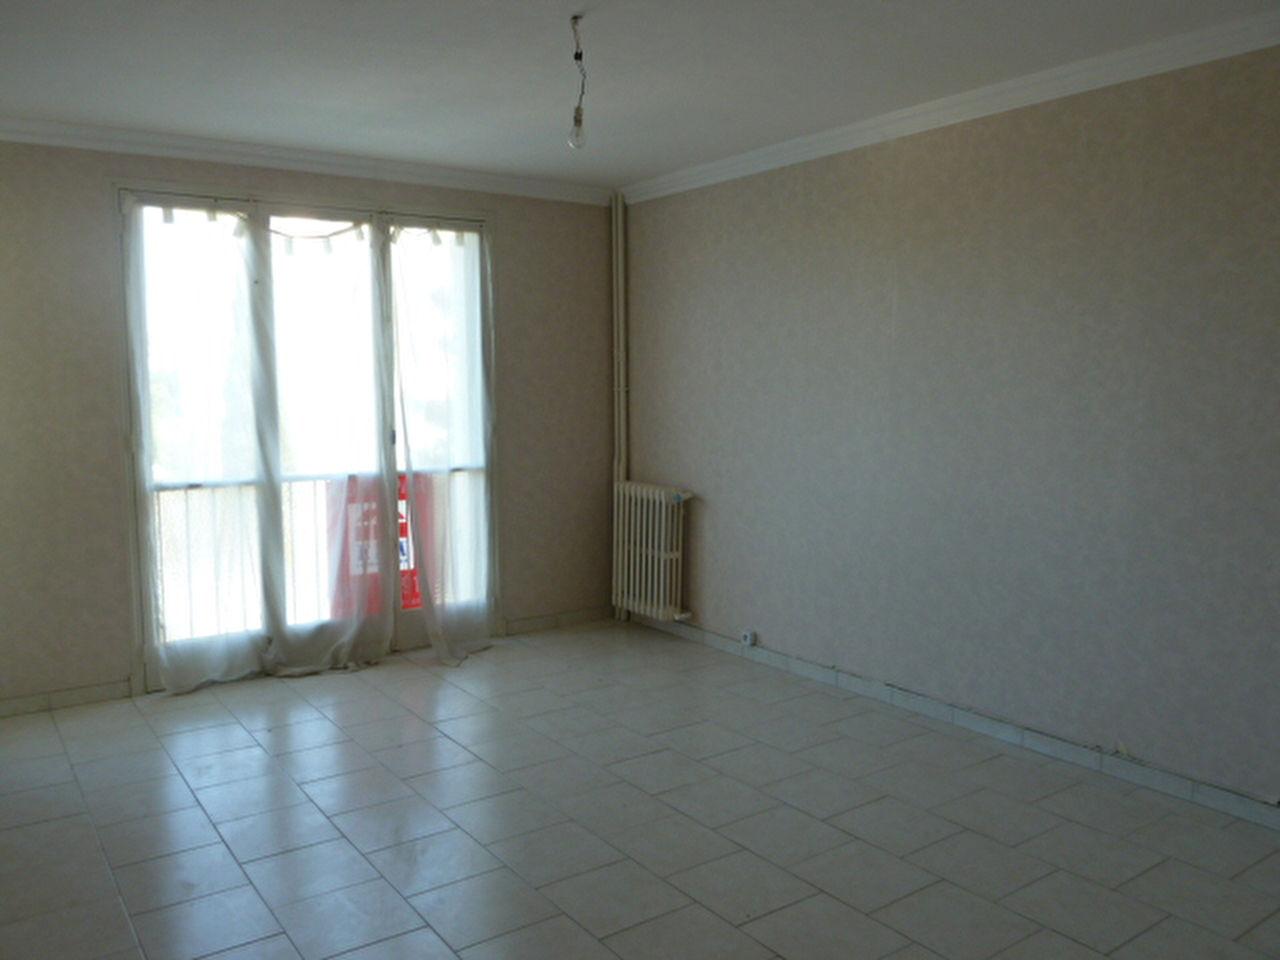 Vente Appartement 4 pièces MARSEILLE 13011